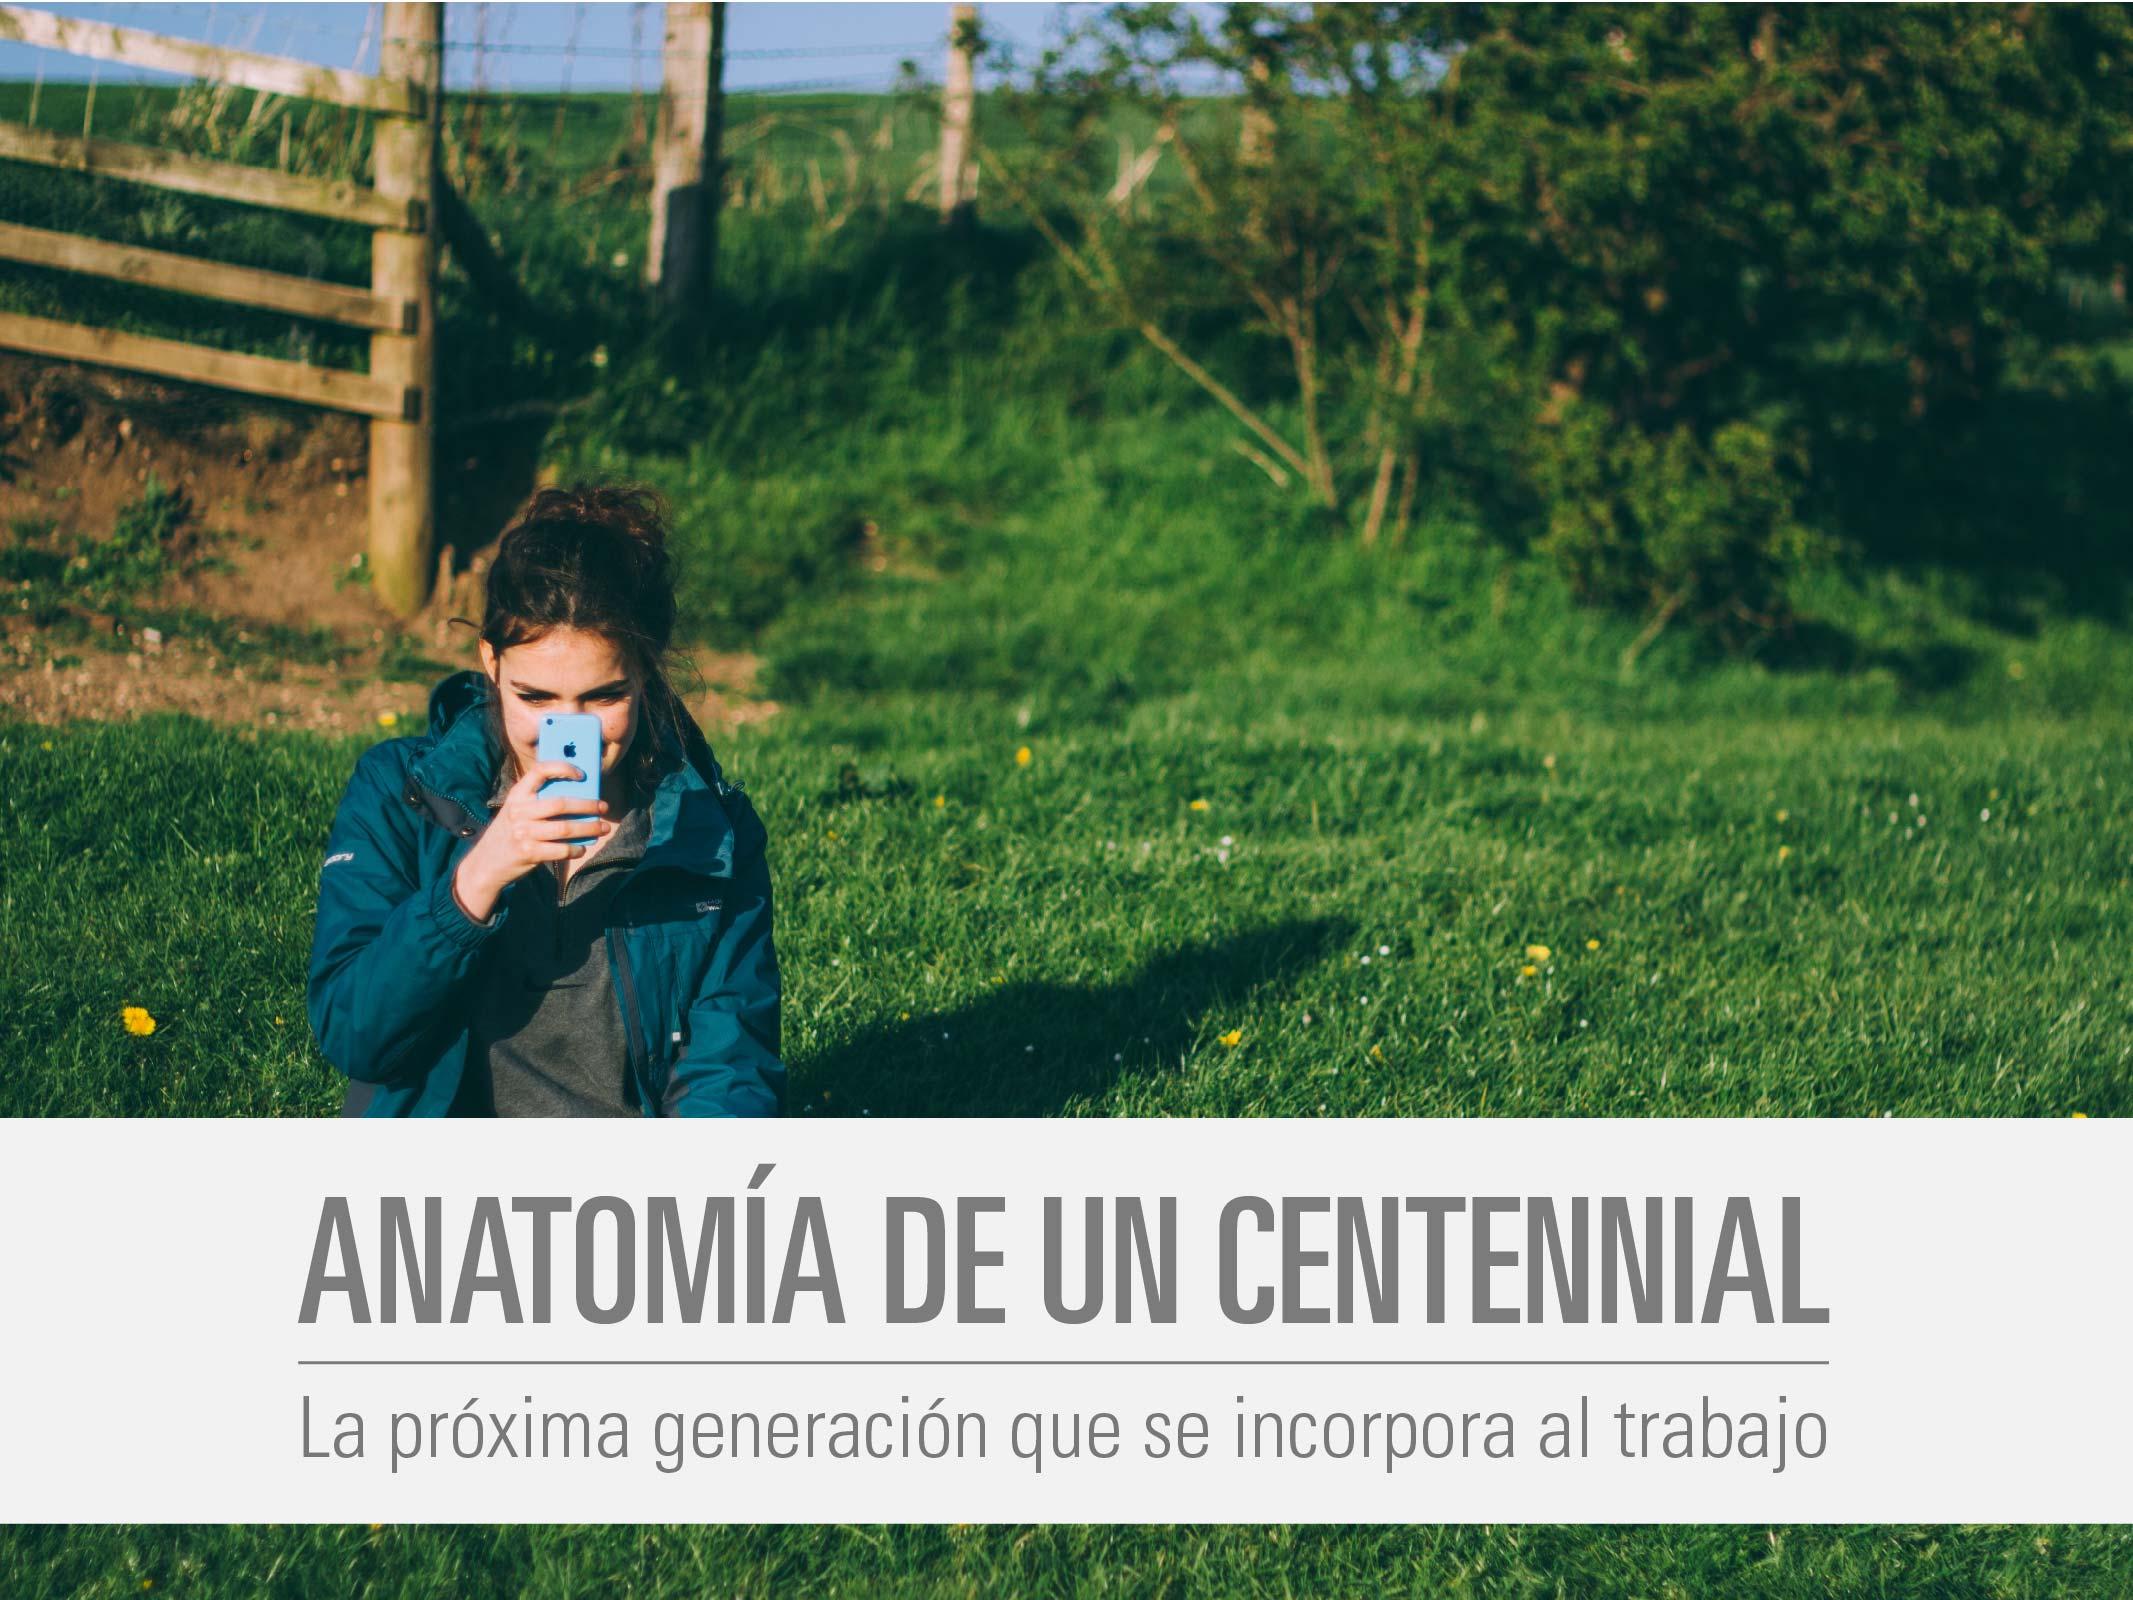 Anatomía de un Centennial, la próxima generación en incorporarse al trabajo